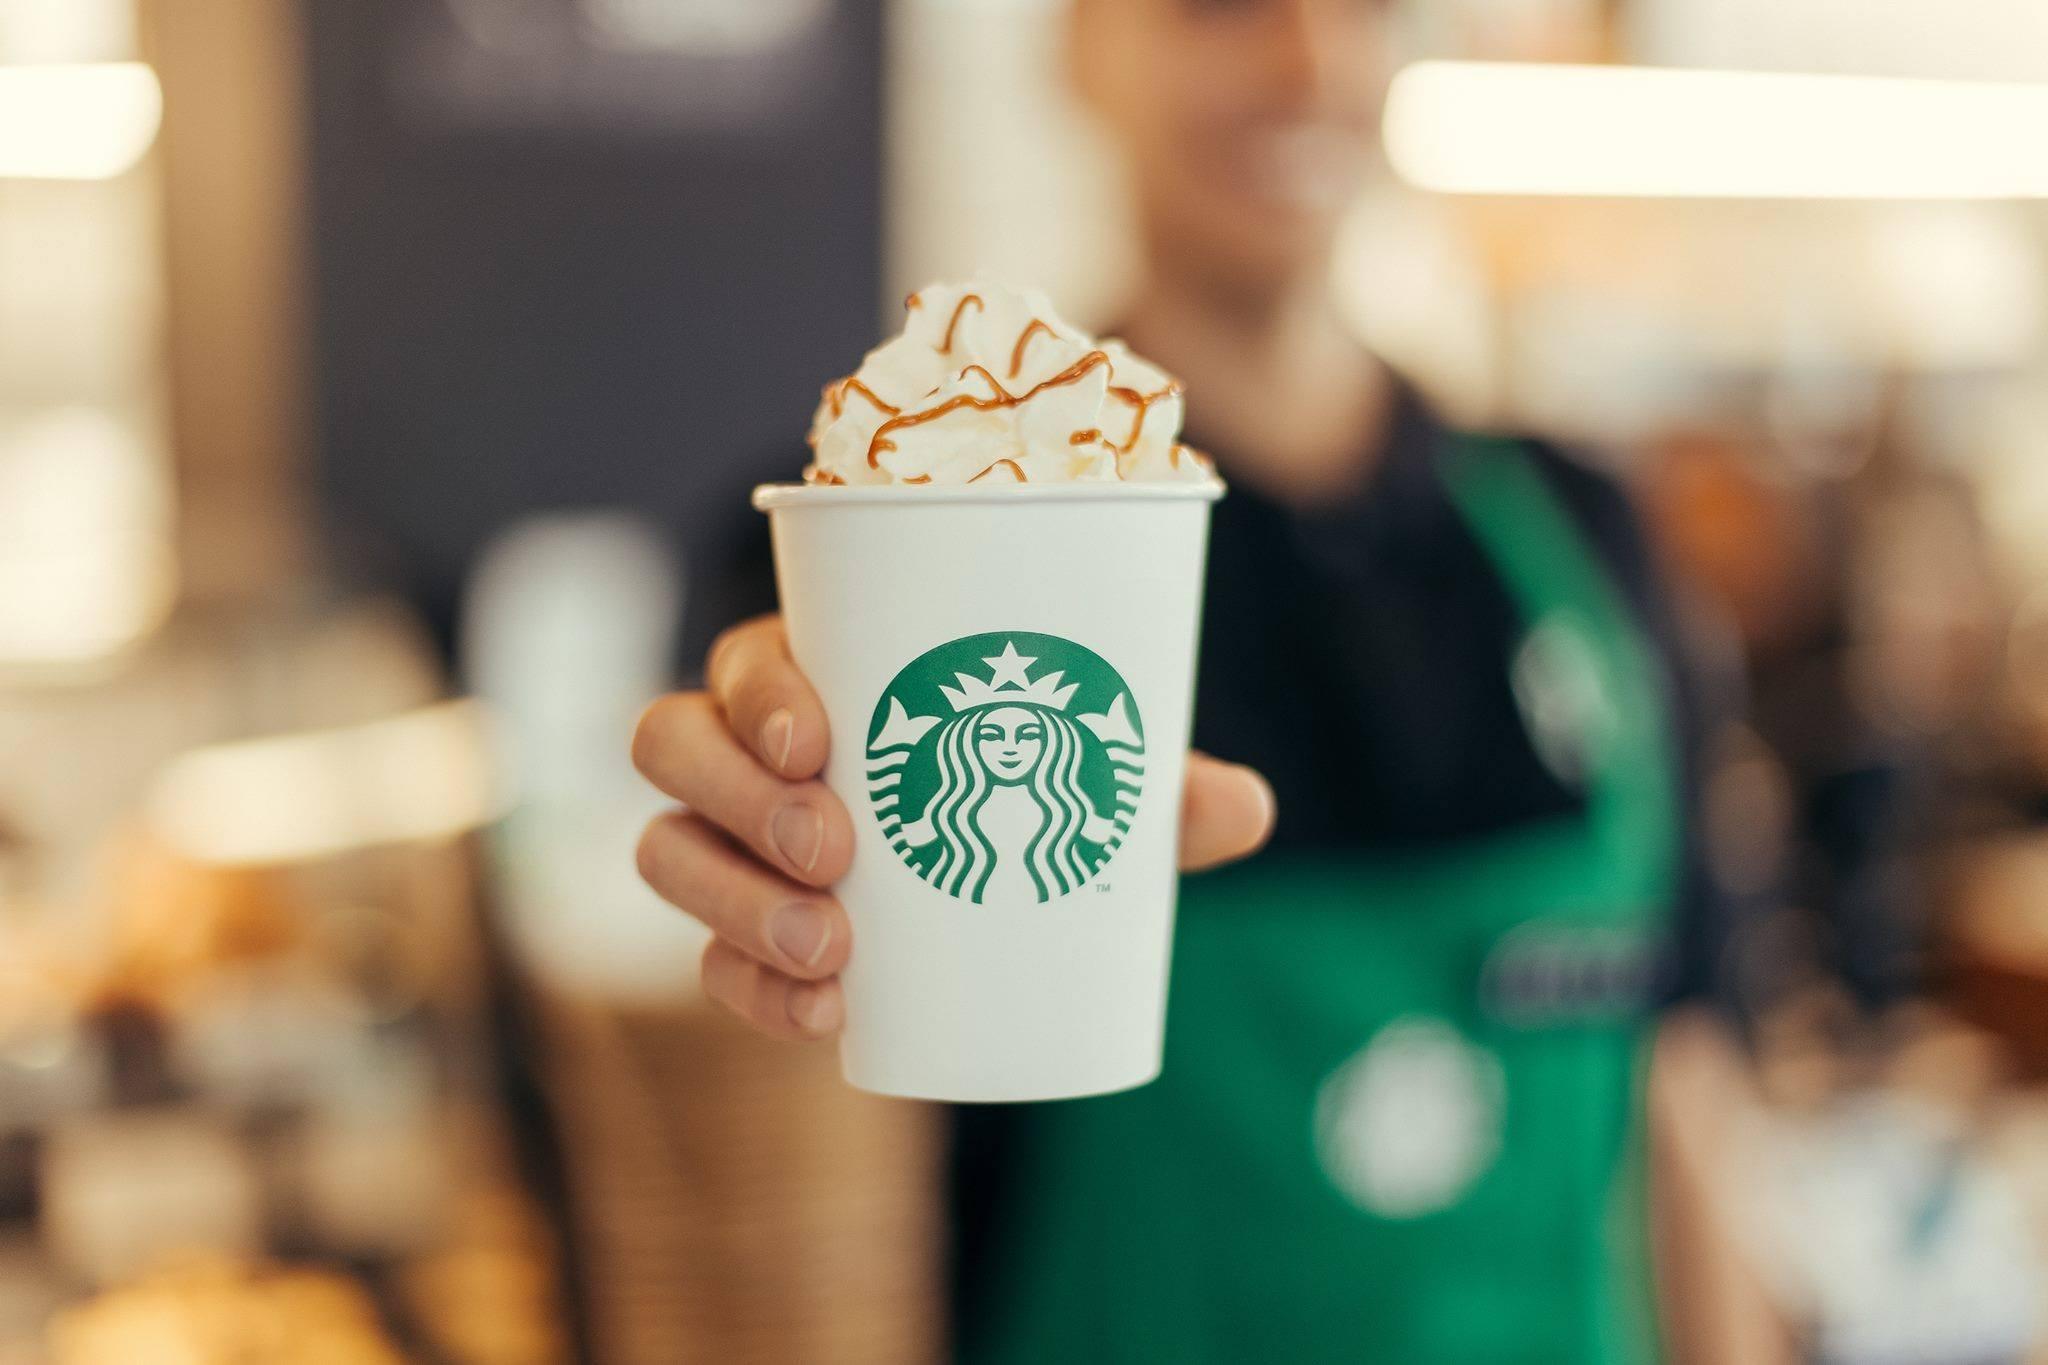 Los investigadores descubrieron que no solo un Starbucks incrementa el valor de la vivienda, sino también las lavanderías, barberos, floristerías y vinoteras.